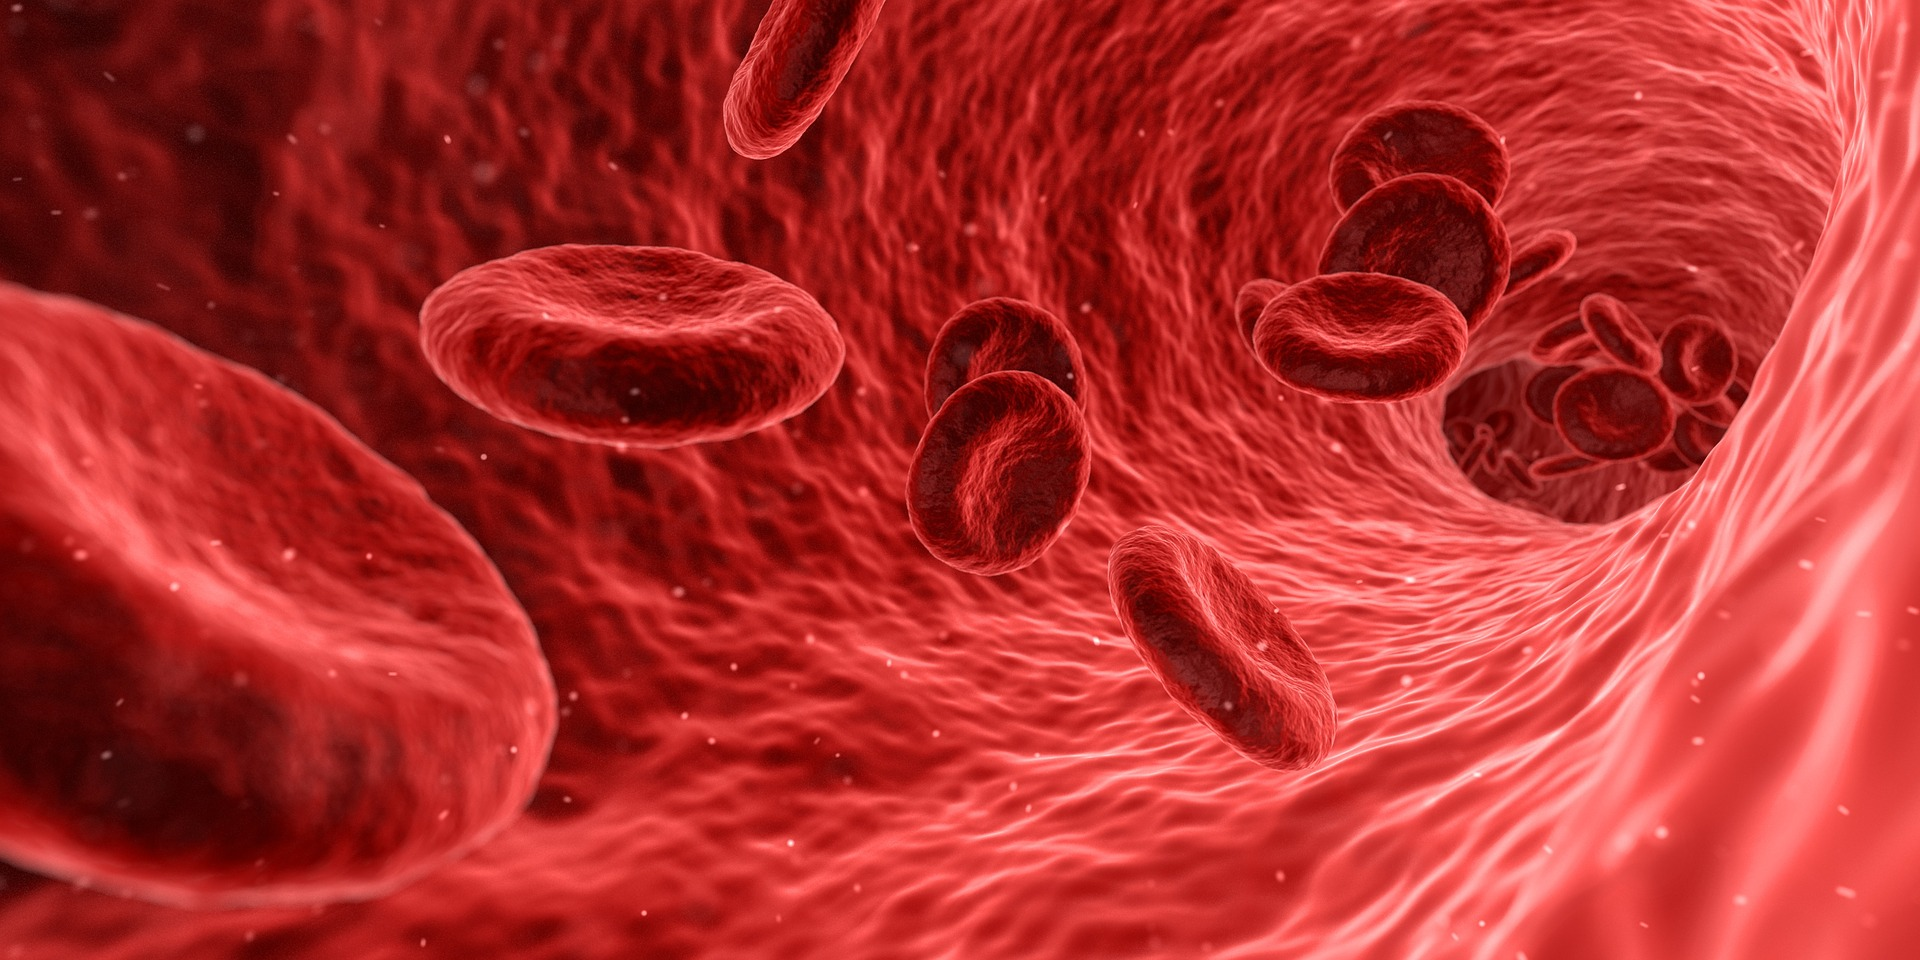 anemia (https://pixabay.com)